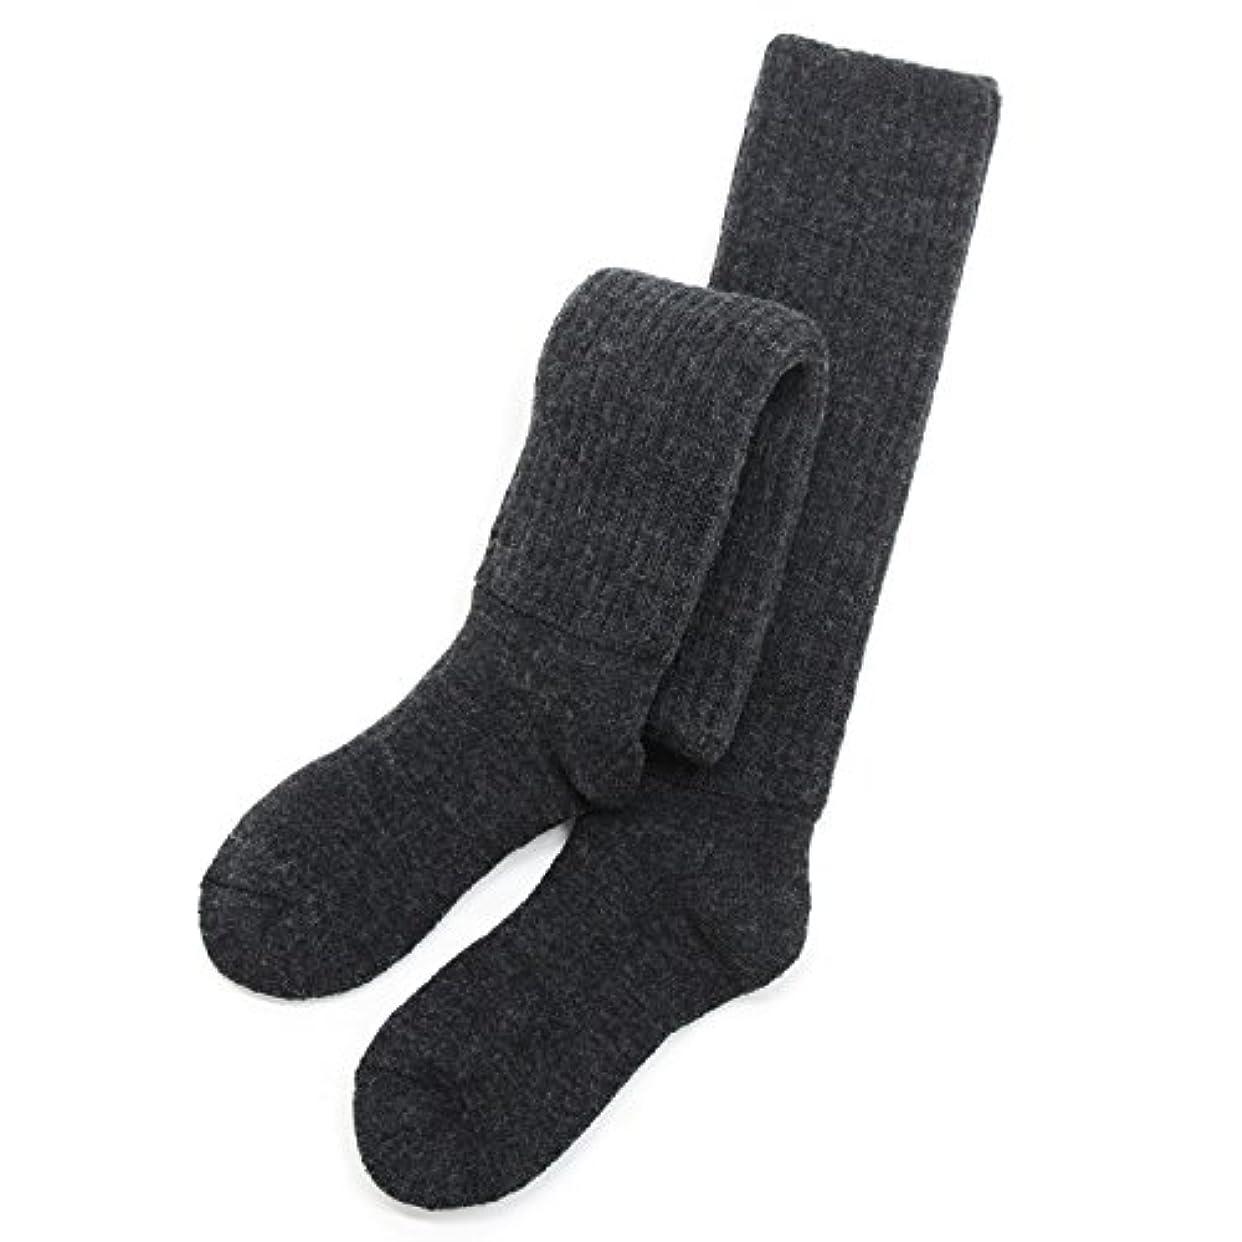 発揮する組み込む失礼なhiorie(ヒオリエ) 日本製 冷えとり靴下 あったか 2重編み靴下 ハイソックス